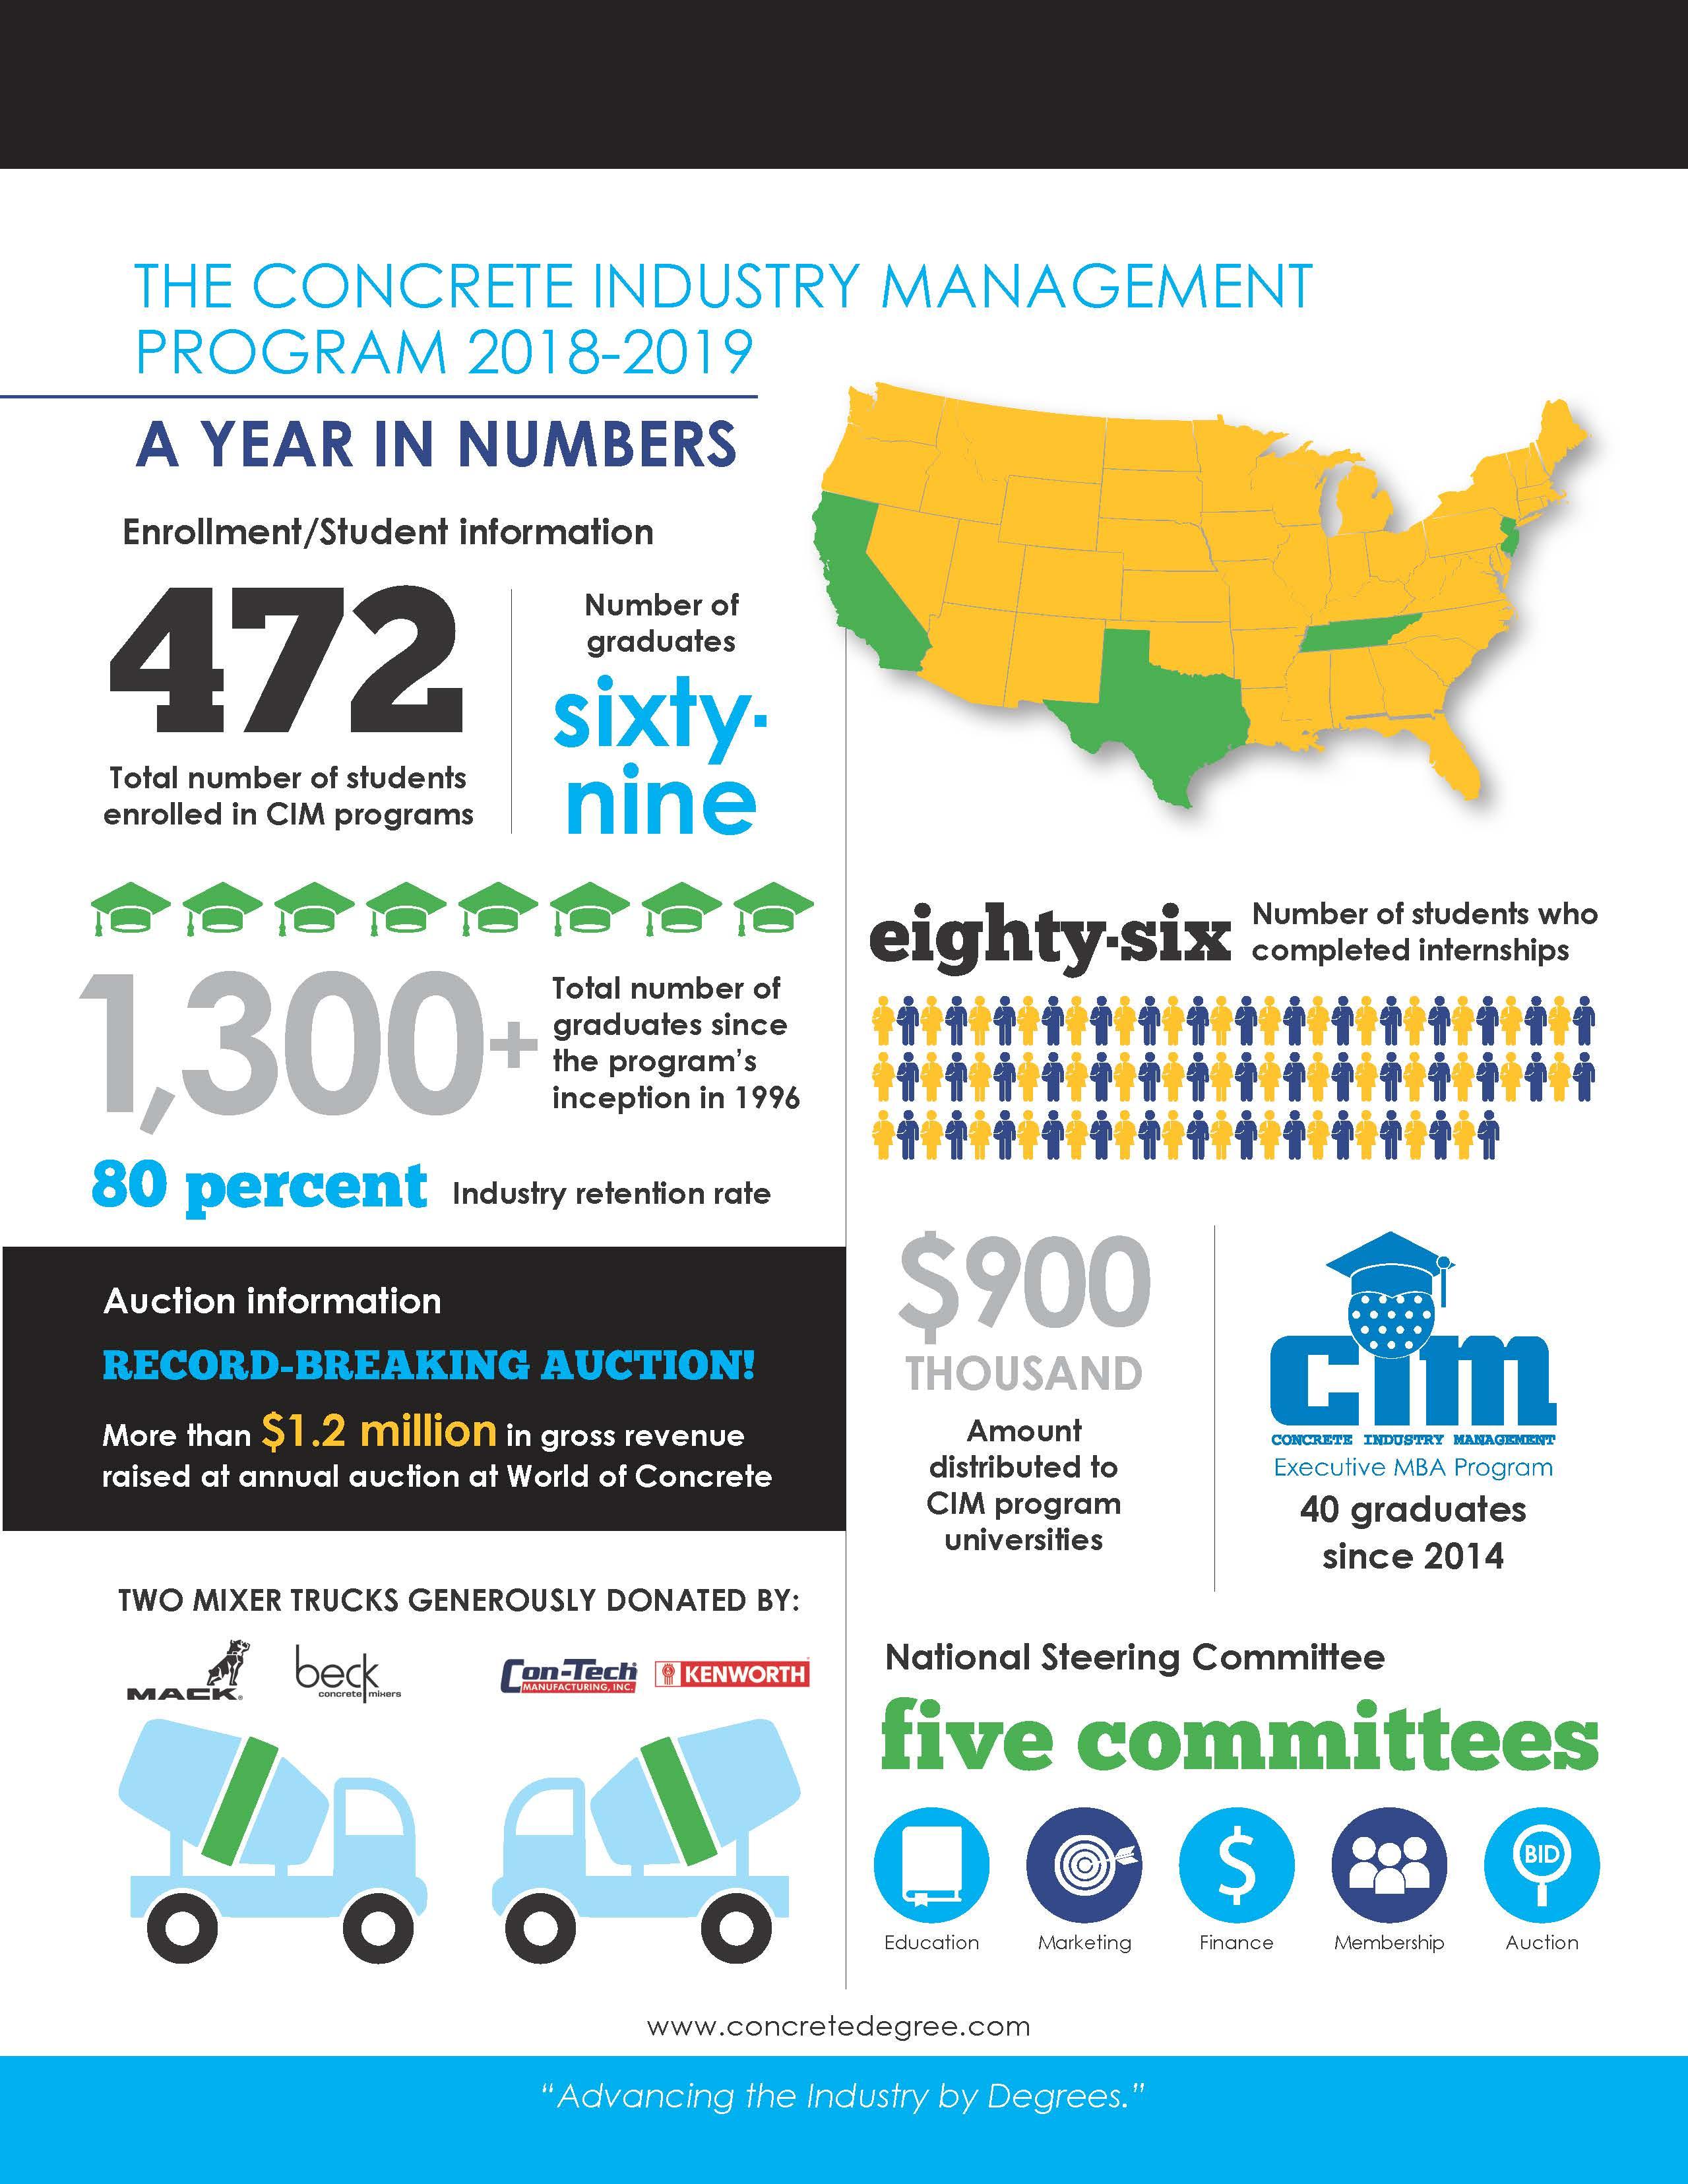 The concrete industry management program 2018-2019